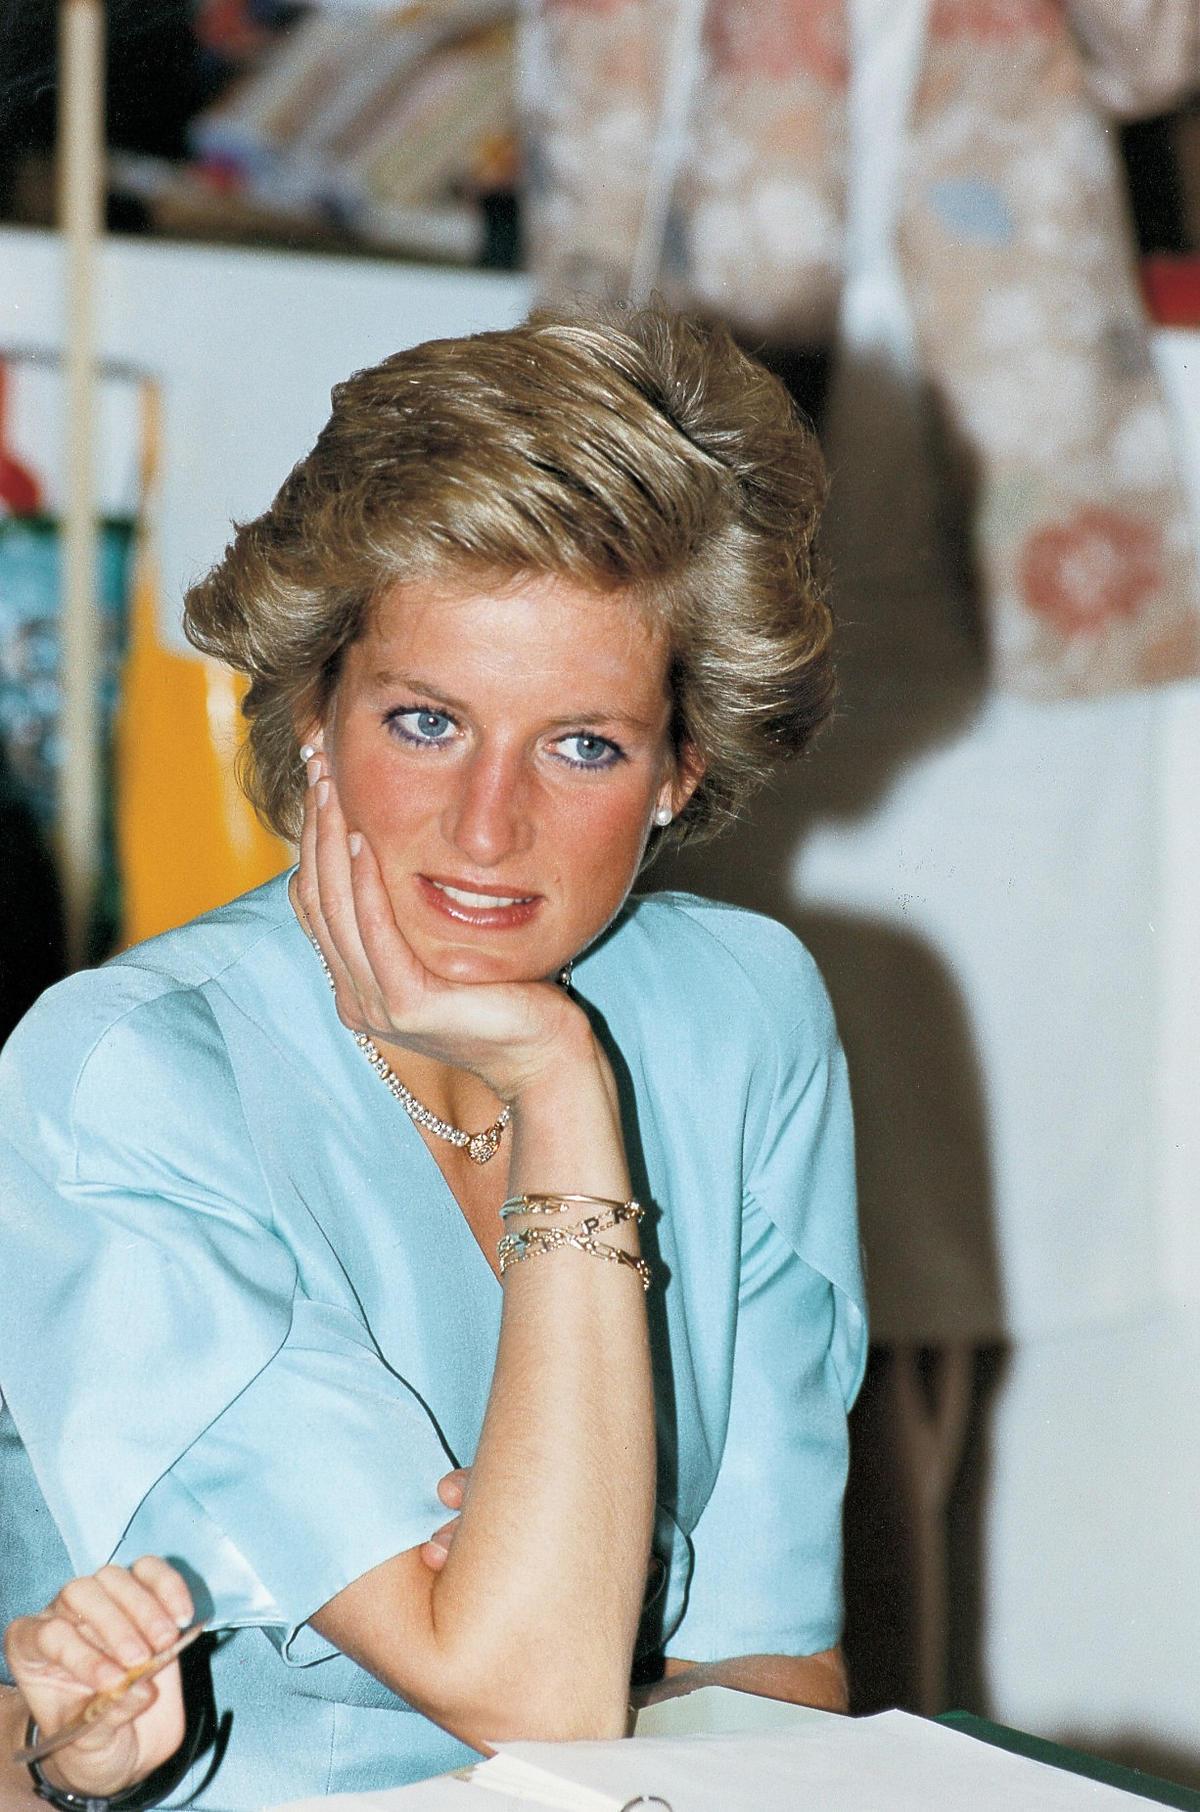 Ostre imprezy i narkotyki – tak księżna Diana miała się zabawiać będąc żoną Karola. Tylko zobaczcie TO ZDJĘCIE